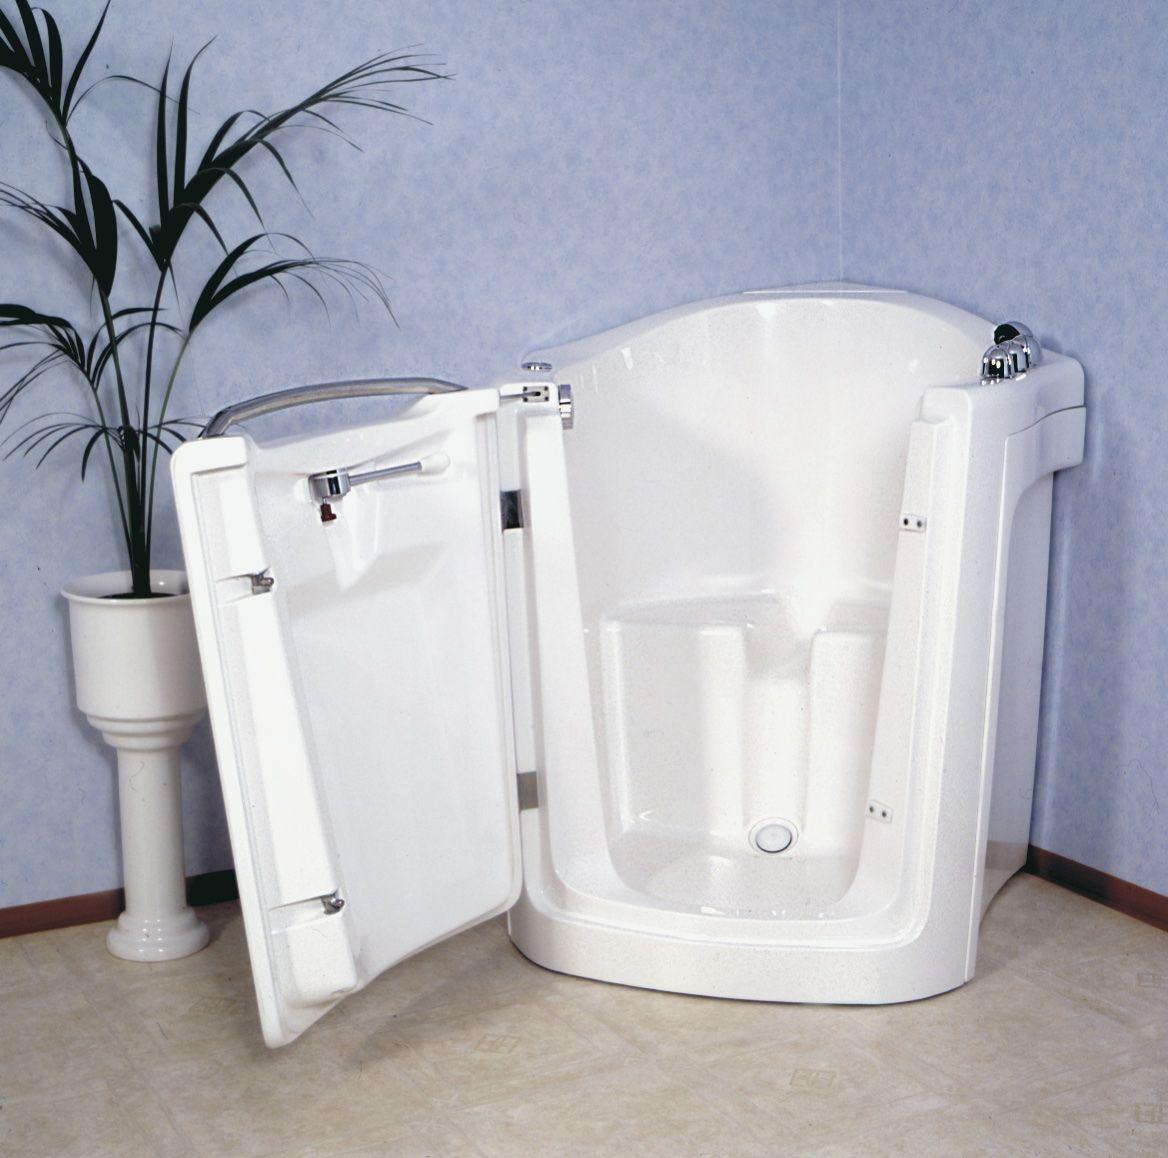 Anspruchsvolles Design Die Sitzbadewanne Aventas Sw 1 Wird Durch Ihr Design Und Ihre Qualitatsmerkmale Hochsten Anspruche Sitzbadewanne Wanne Entspannendes Bad